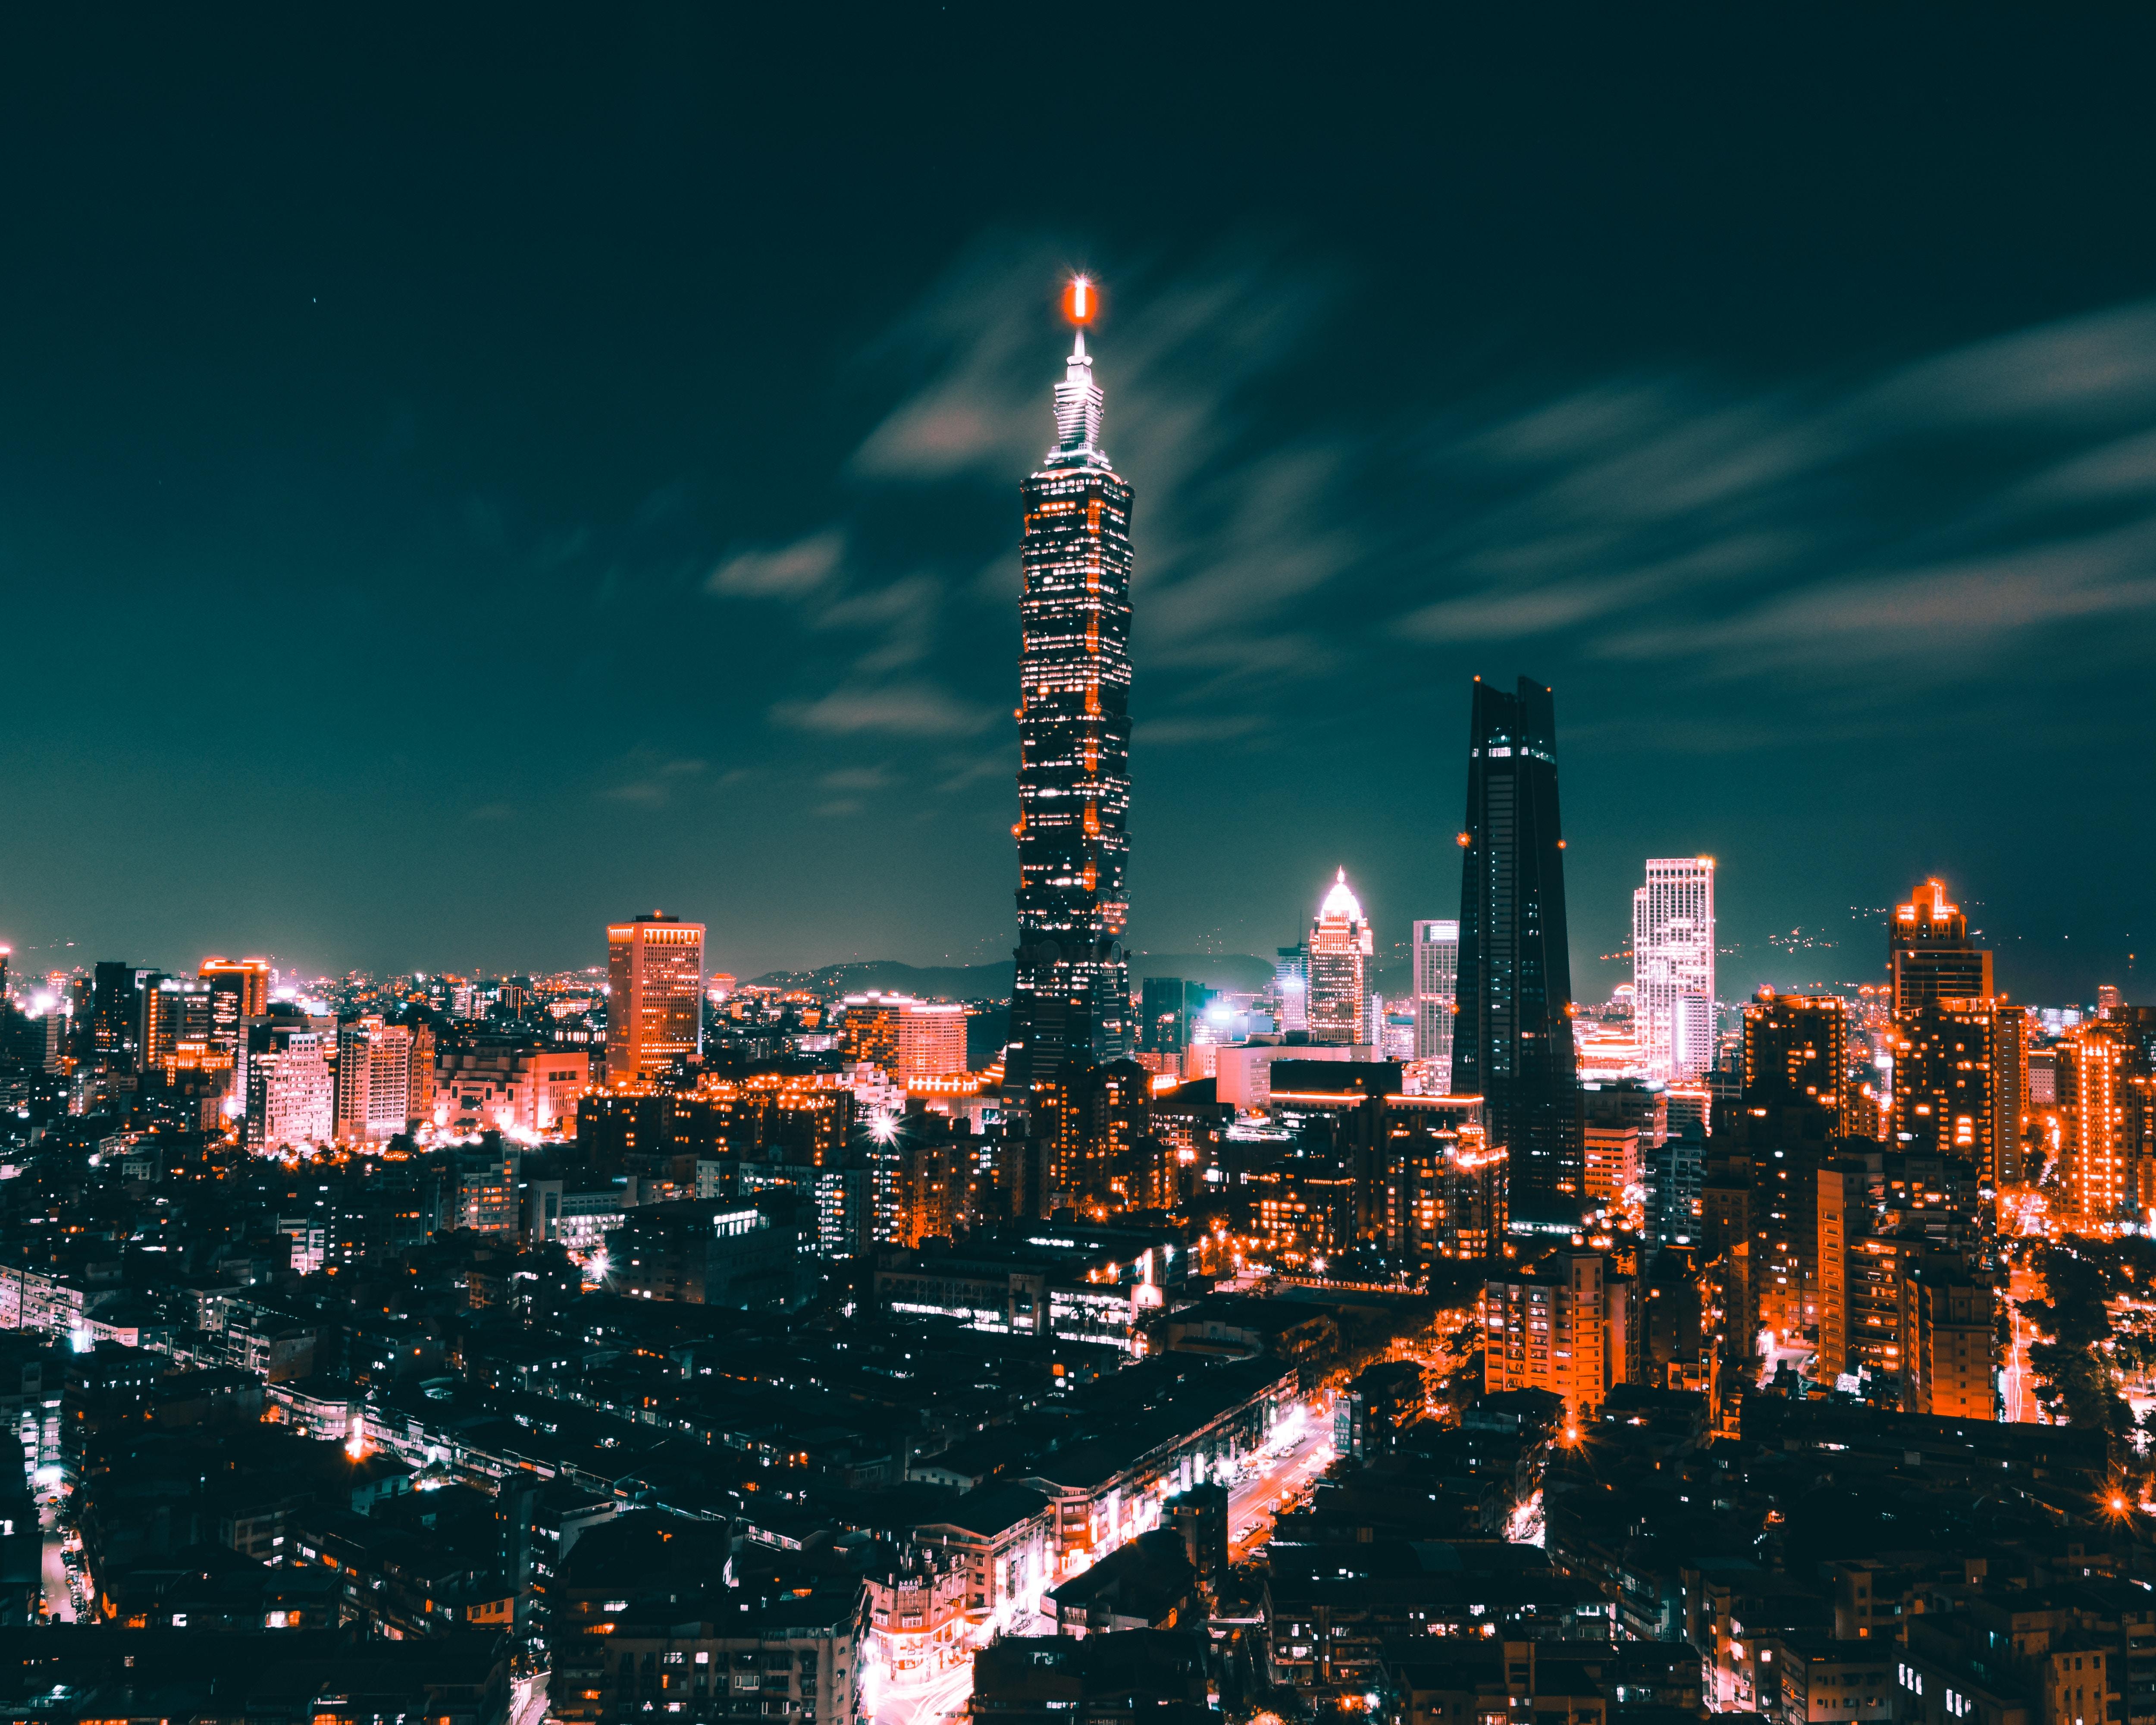 66132 Заставки и Обои Города на телефон. Скачать Ночной Город, Огни Города, Небоскребы, Вид Сверху, Тайвань, Города картинки бесплатно